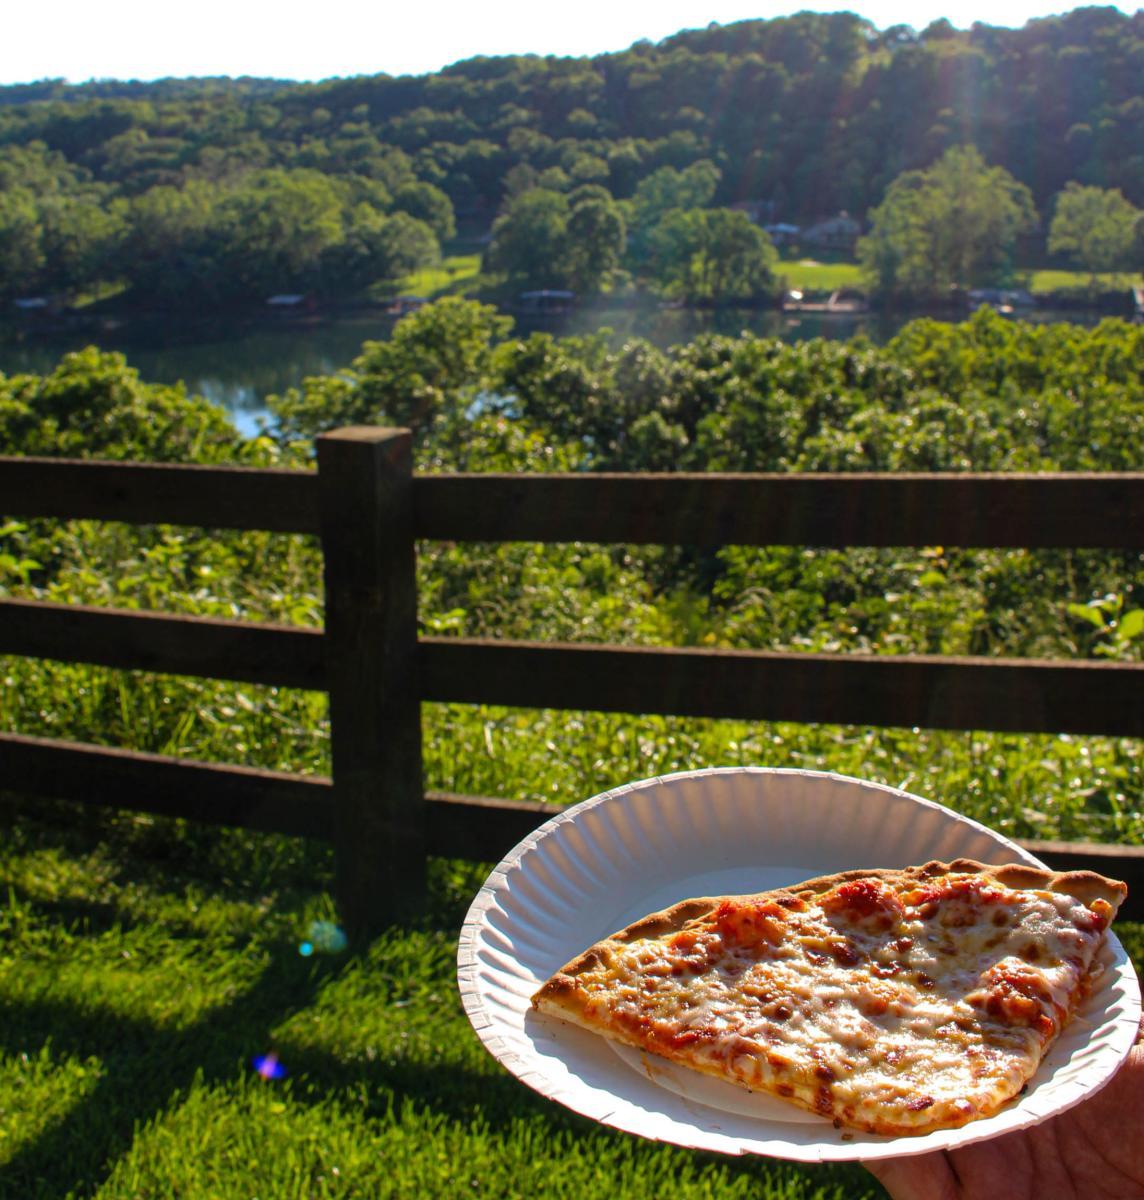 Sycamore Creek Pizza Night in Branson Missouri